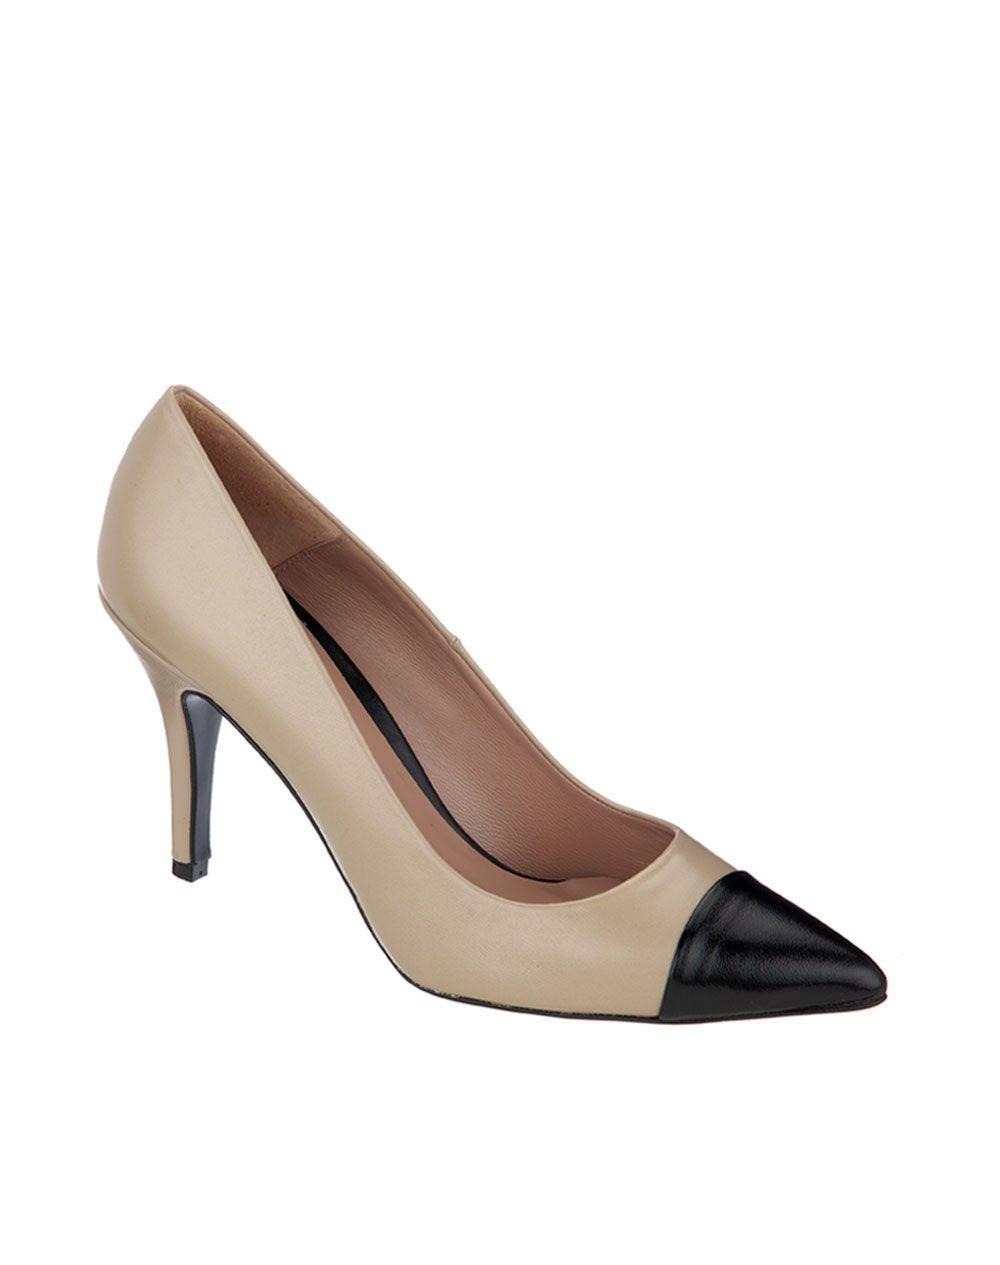 56506678 Zapato de salón Gloria Ortiz - Mujer - Zapatos - El Corte Inglés - Moda  Zapatos